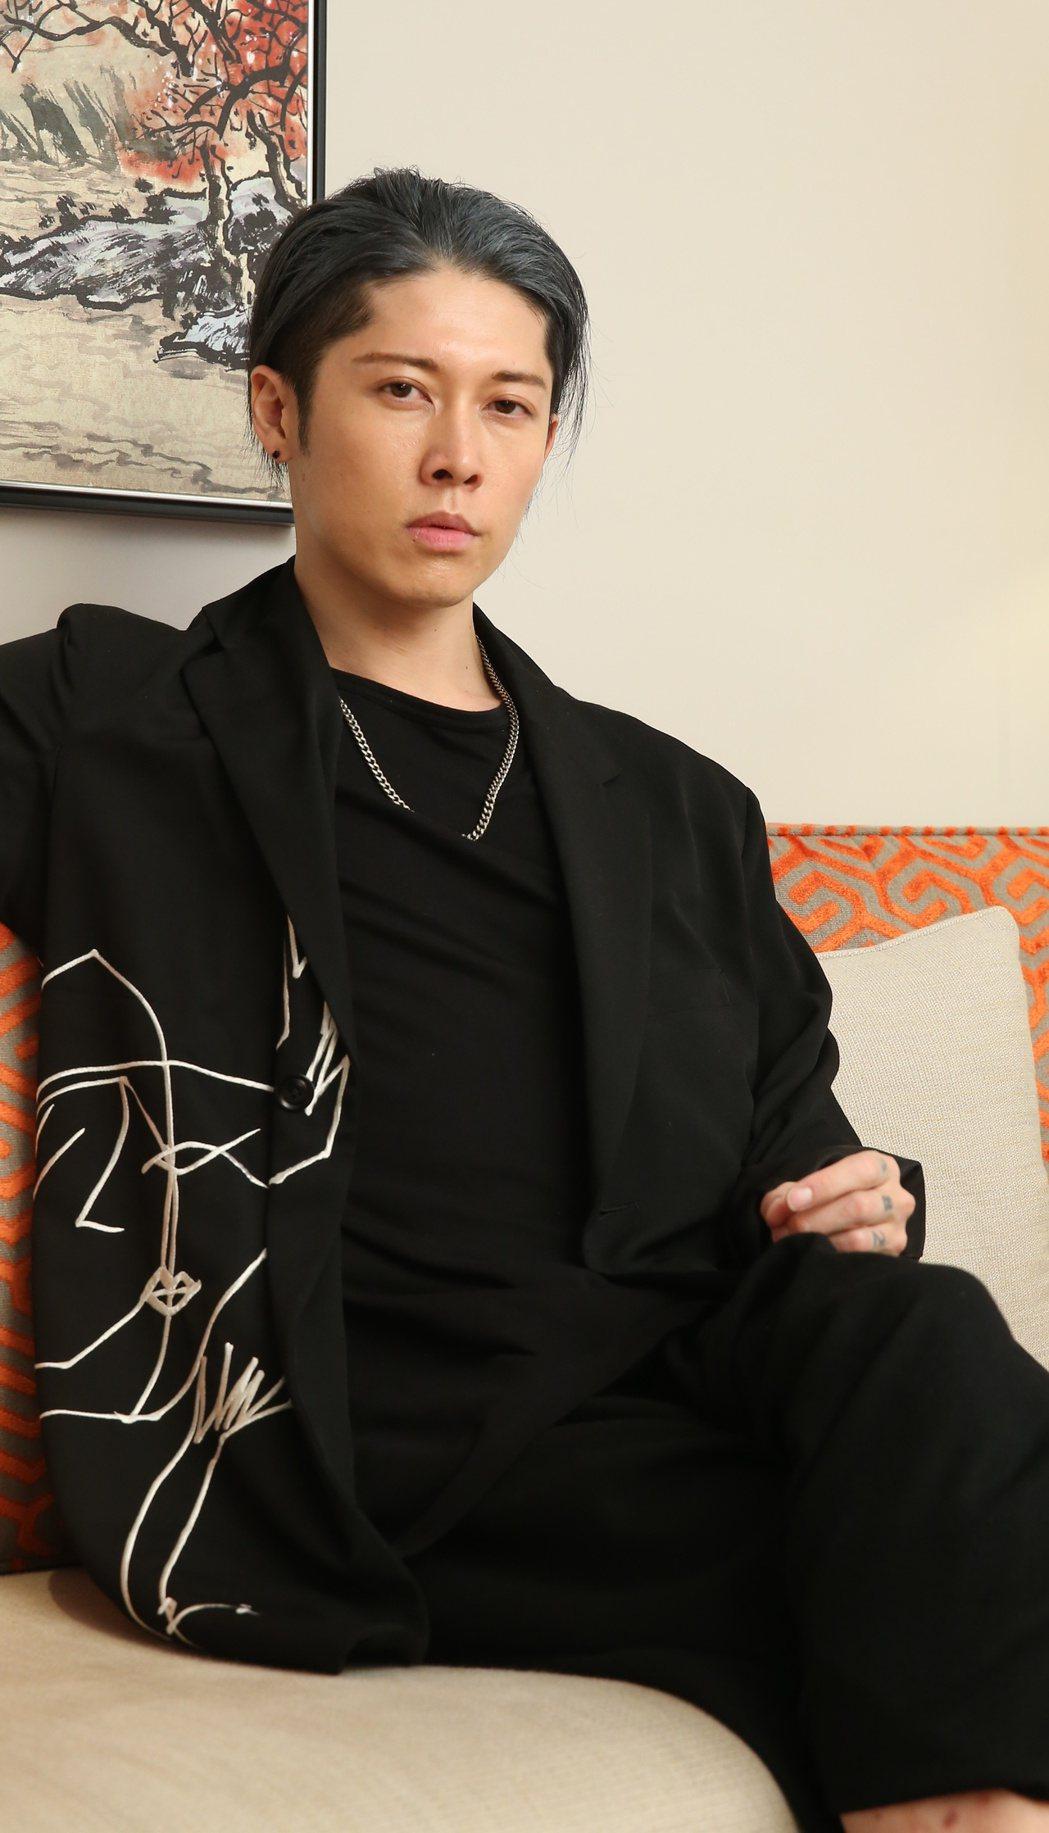 日本搖滾藝人miyavi來台。記者陳立凱/攝影